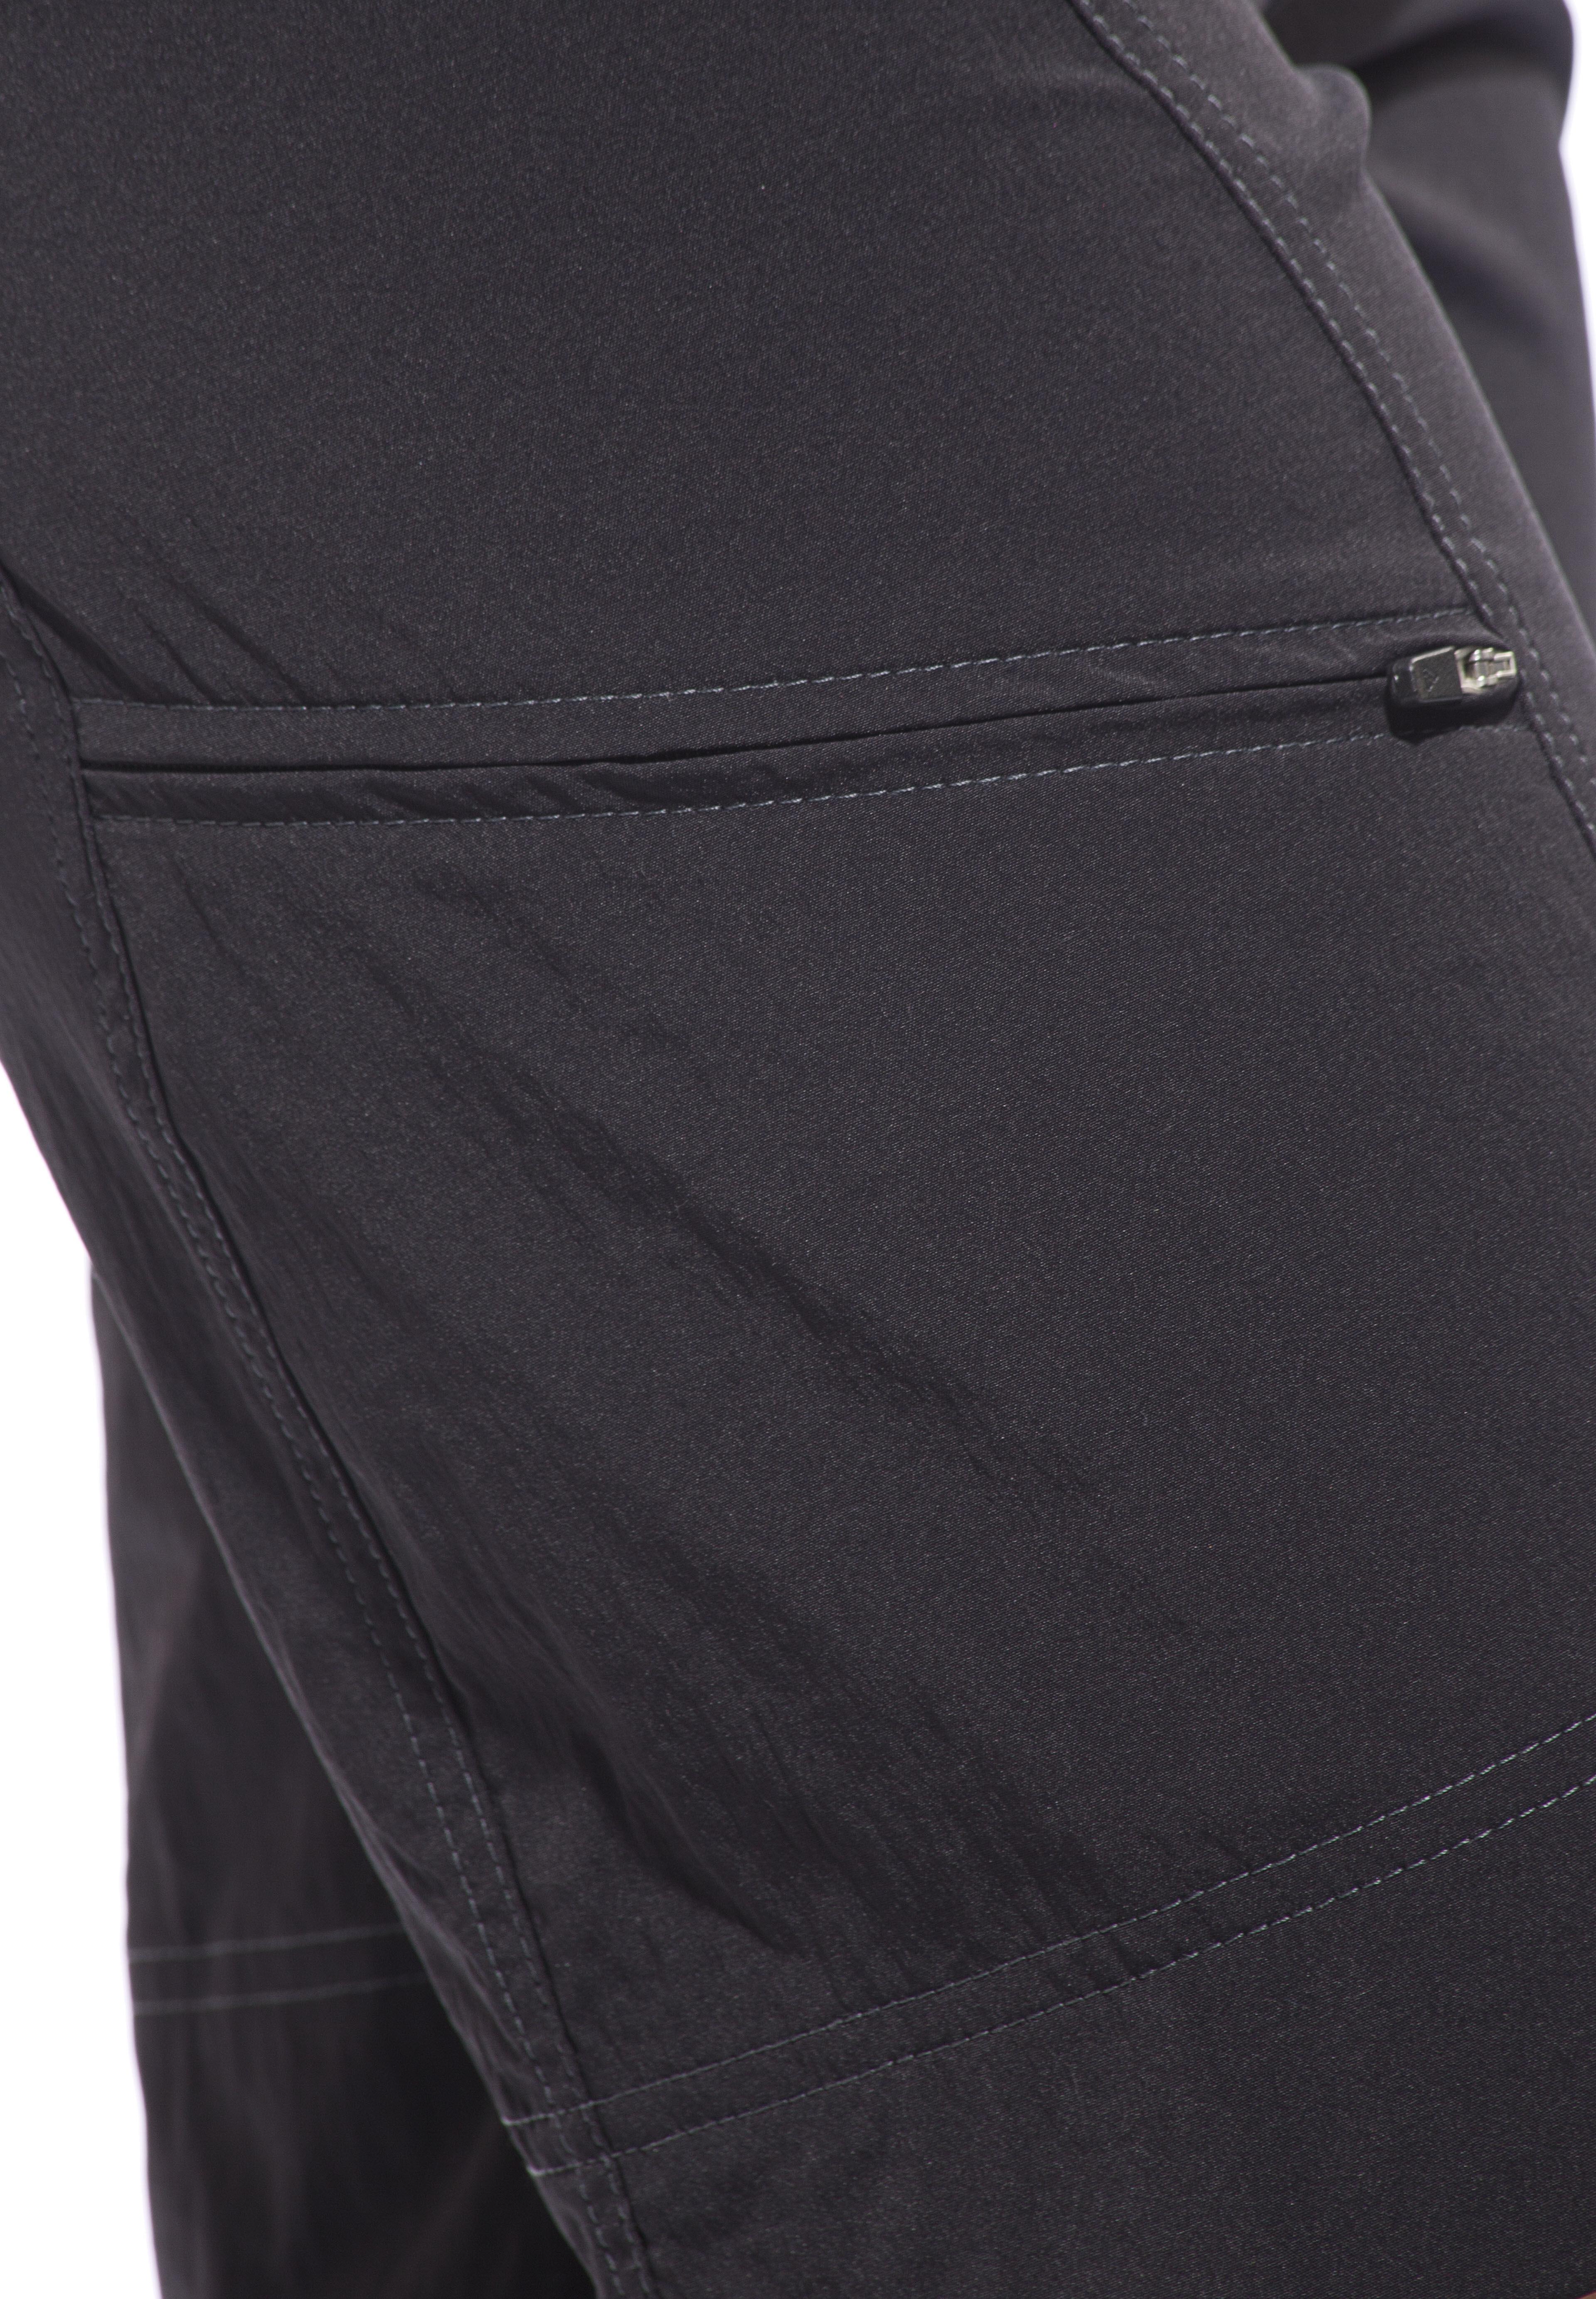 Löffler Comfort CSL Bike Shorts Damen online kaufen bei Bikester f16f8876f1